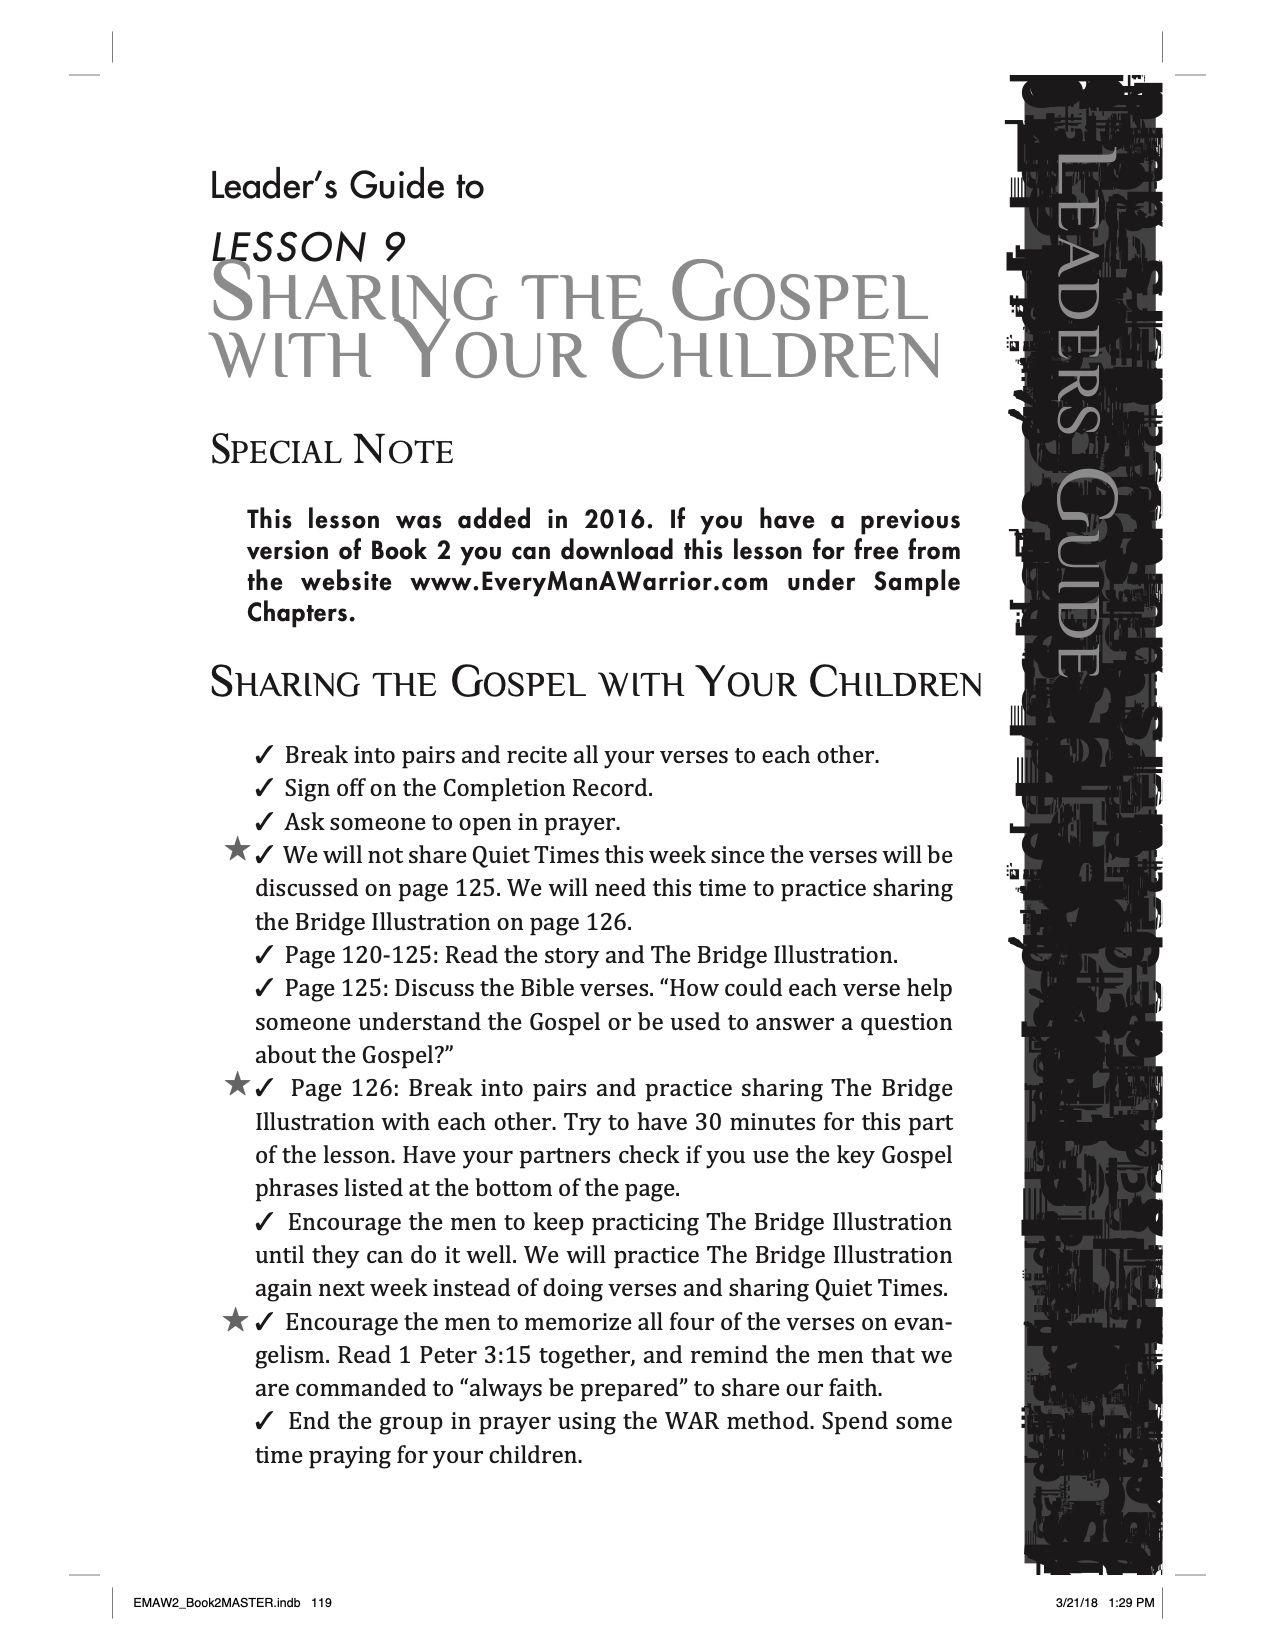 Book 2 - Lesson 9